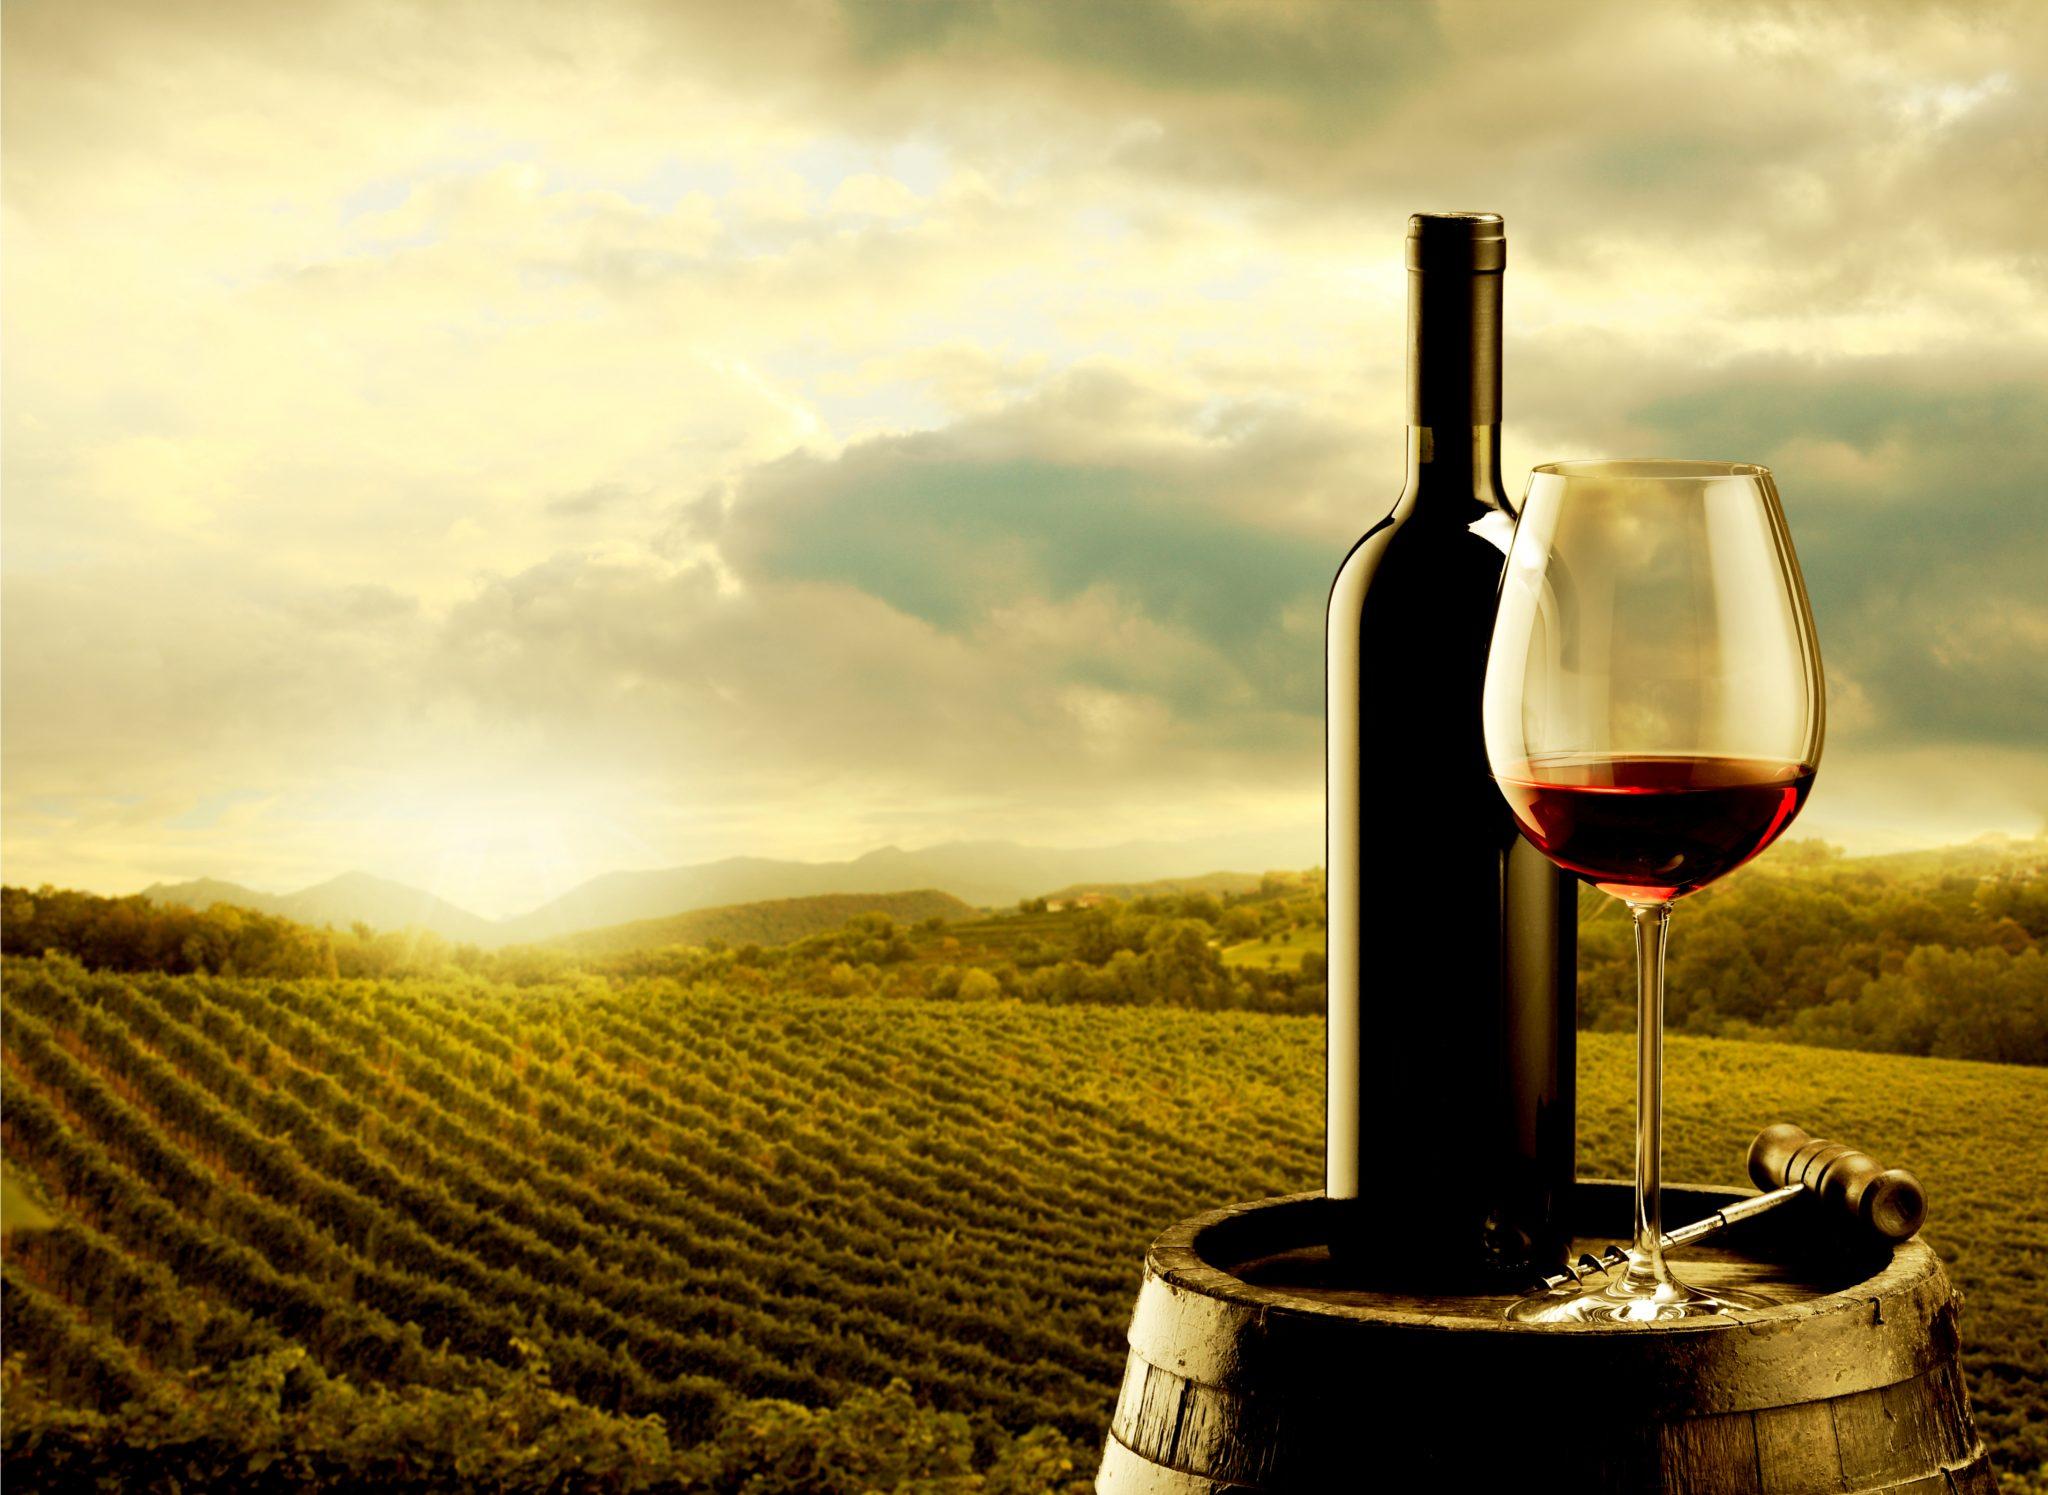 ワイン農場で飾られている赤ワイン